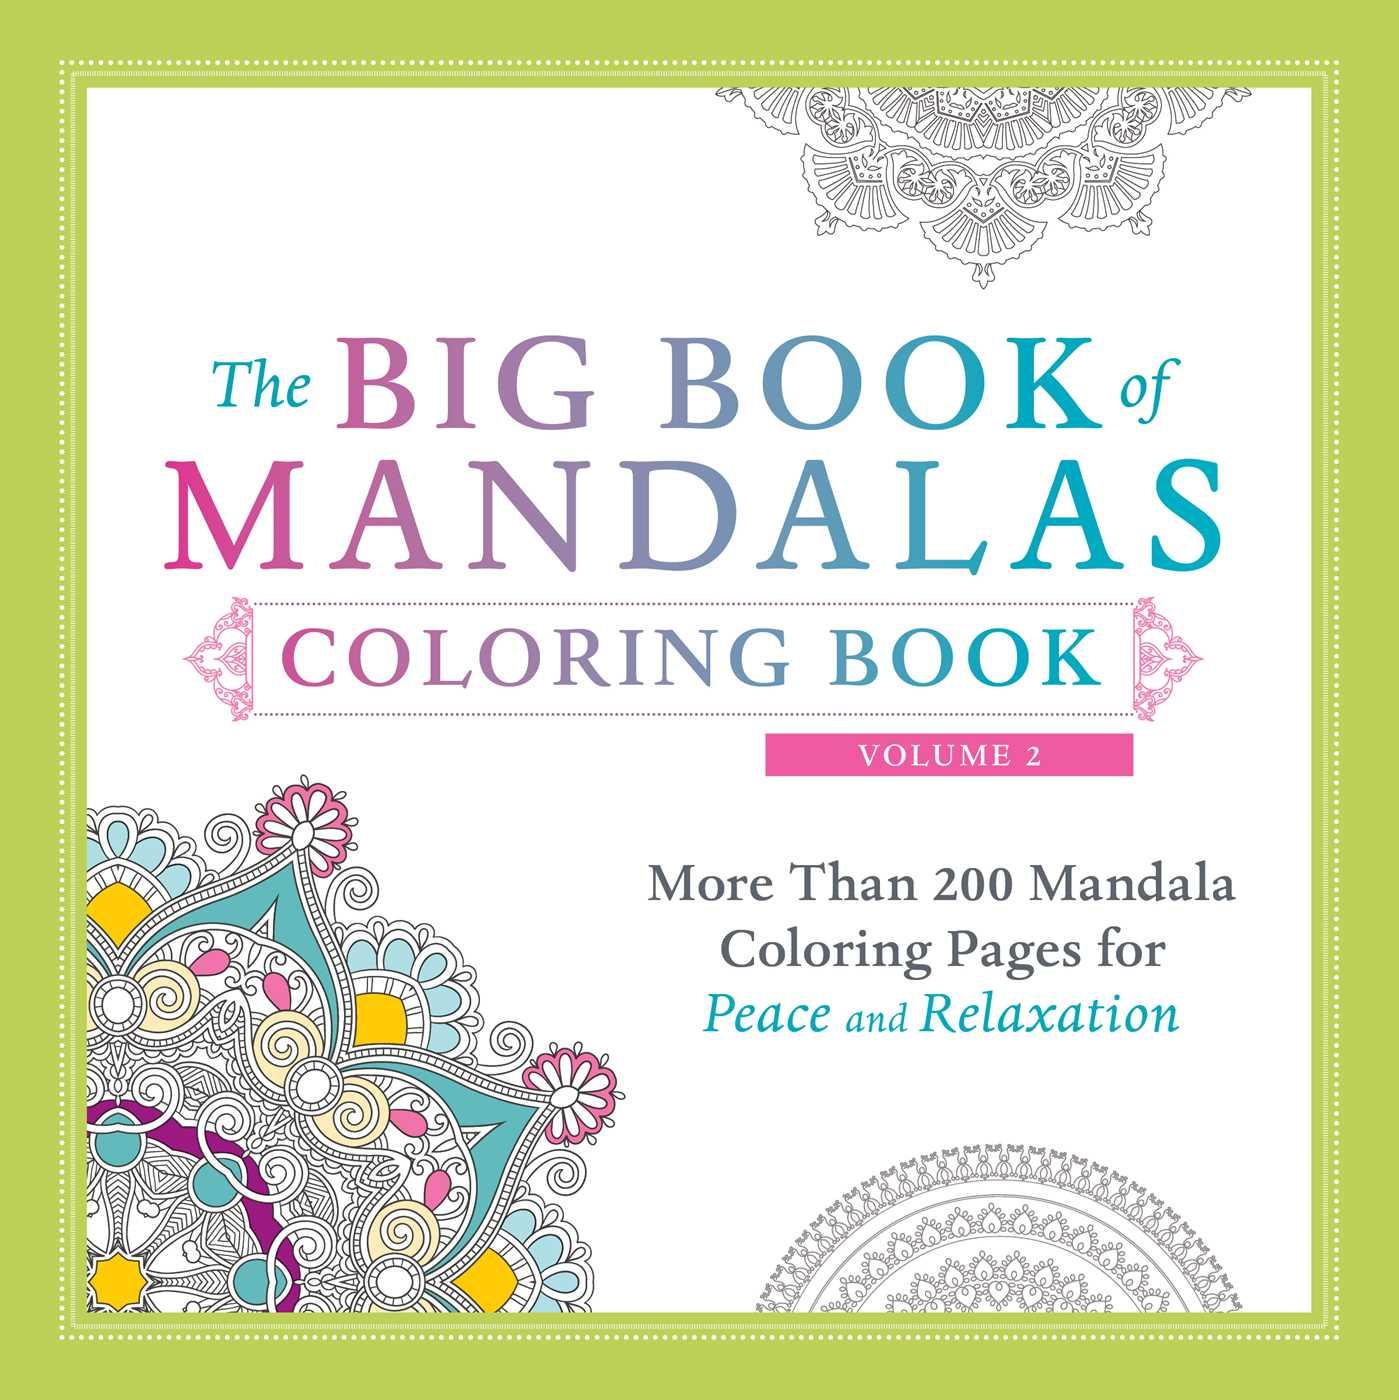 The Big Book of Mandalas Coloring Book, Volume 2 | Book by Adams ...